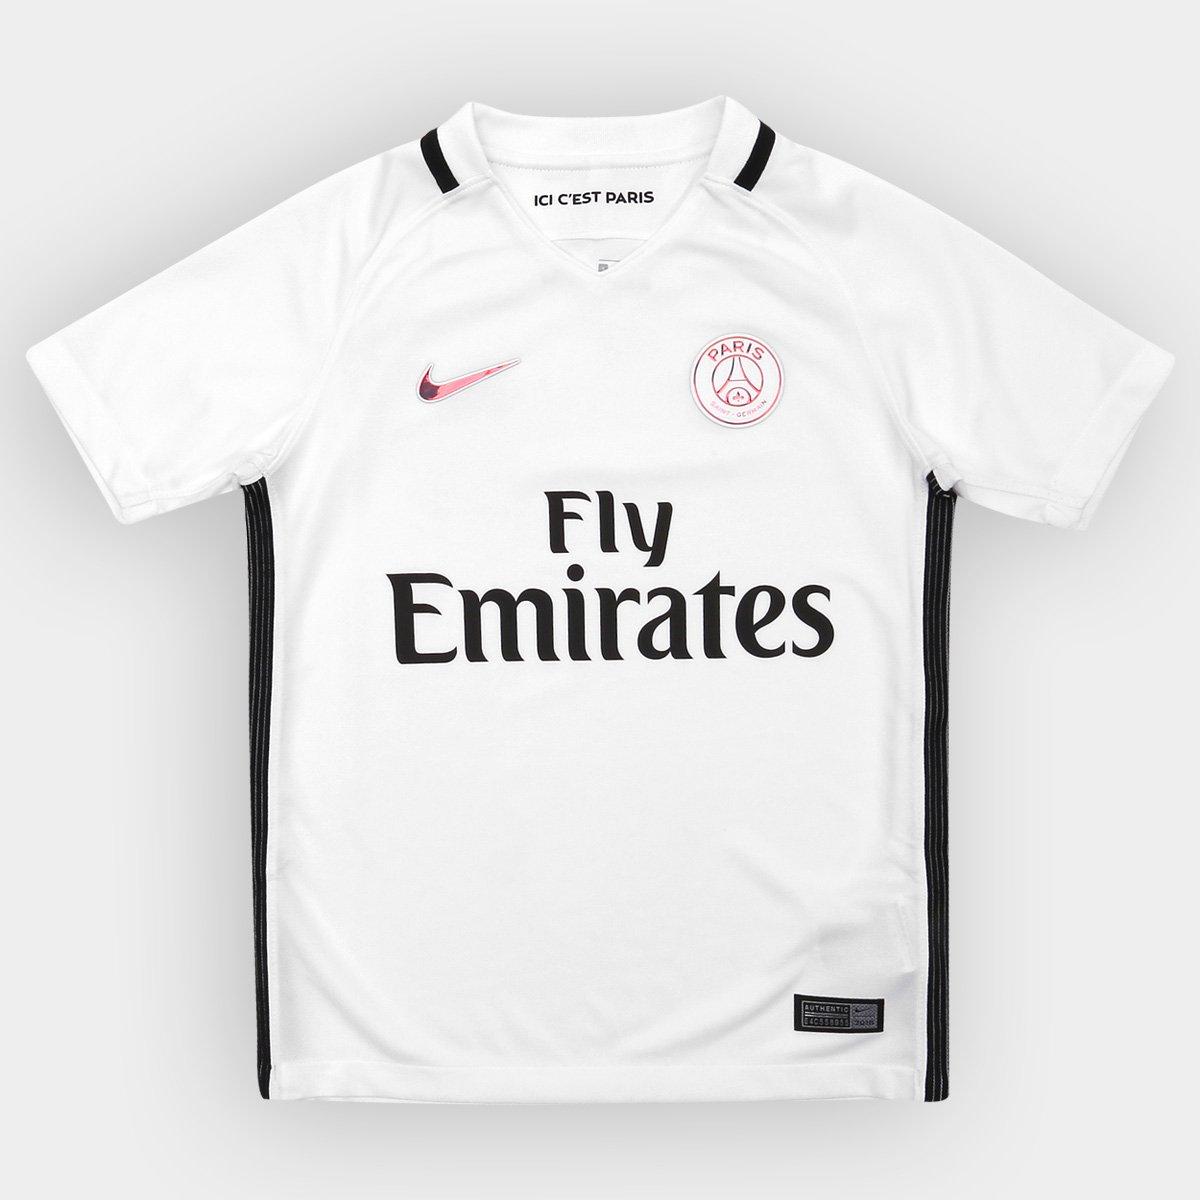 Camisa Paris Saint-Germain Infantil Third 16 17 s nº Torcedor Nike - Compre  Agora  3b68274a99517